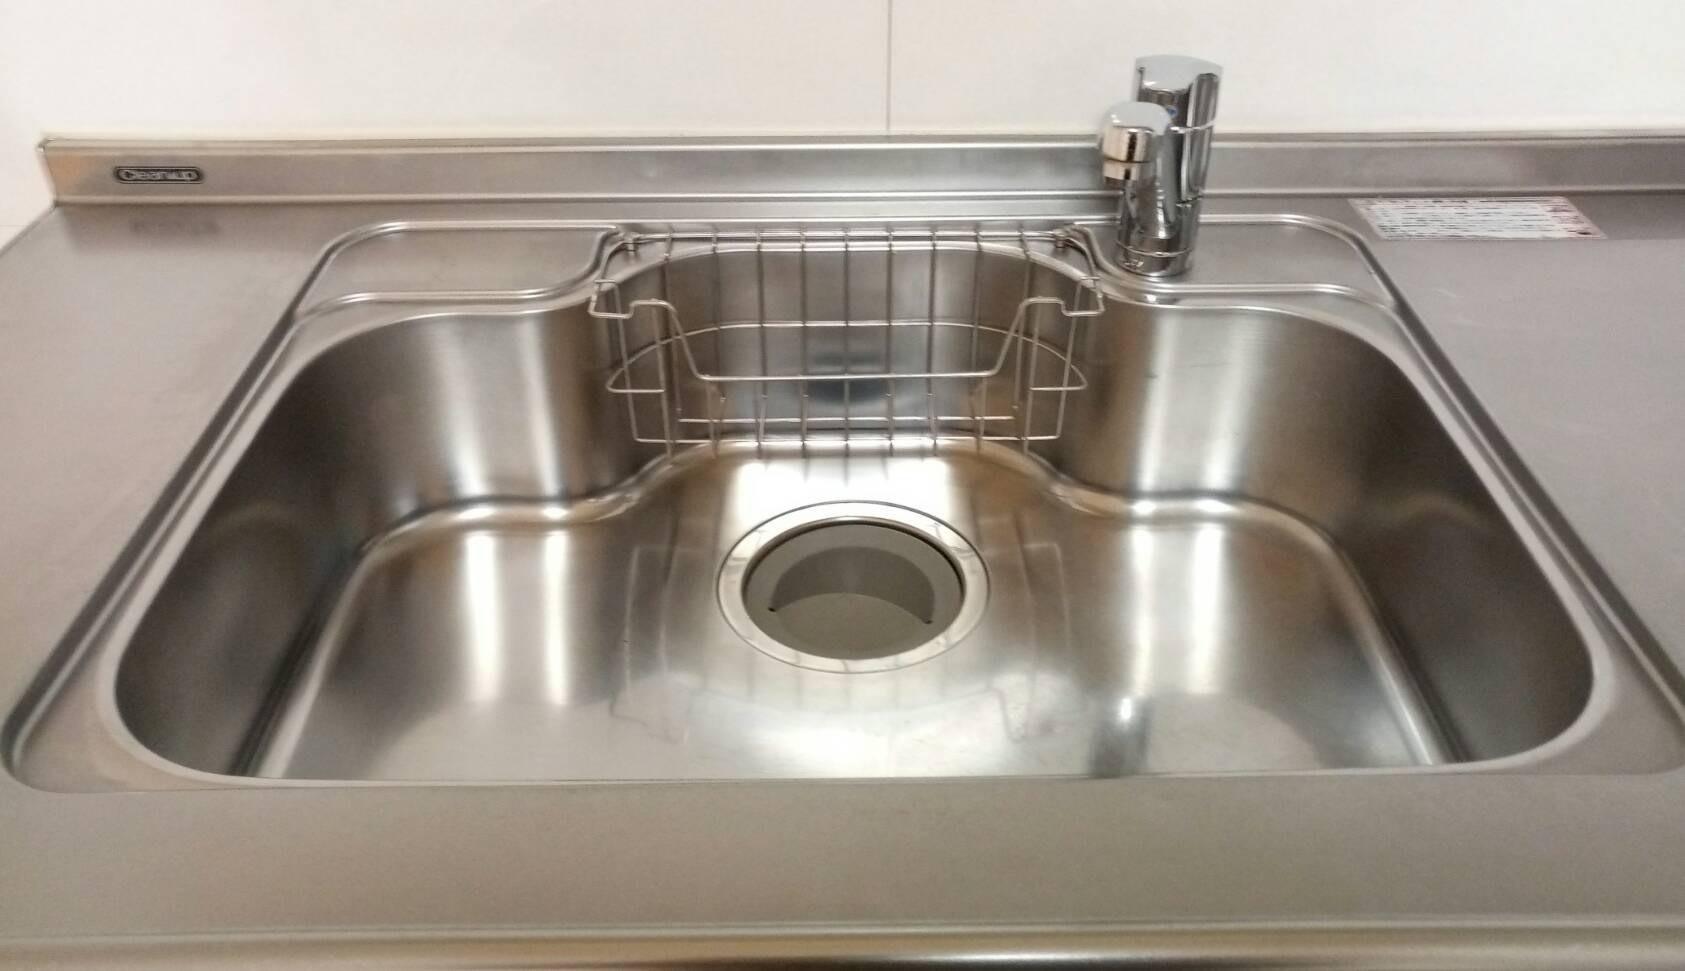 キッチン(シンク)の清掃&水回りコーティングを神奈川県横浜市磯子区にて行いました。【施工事例4】